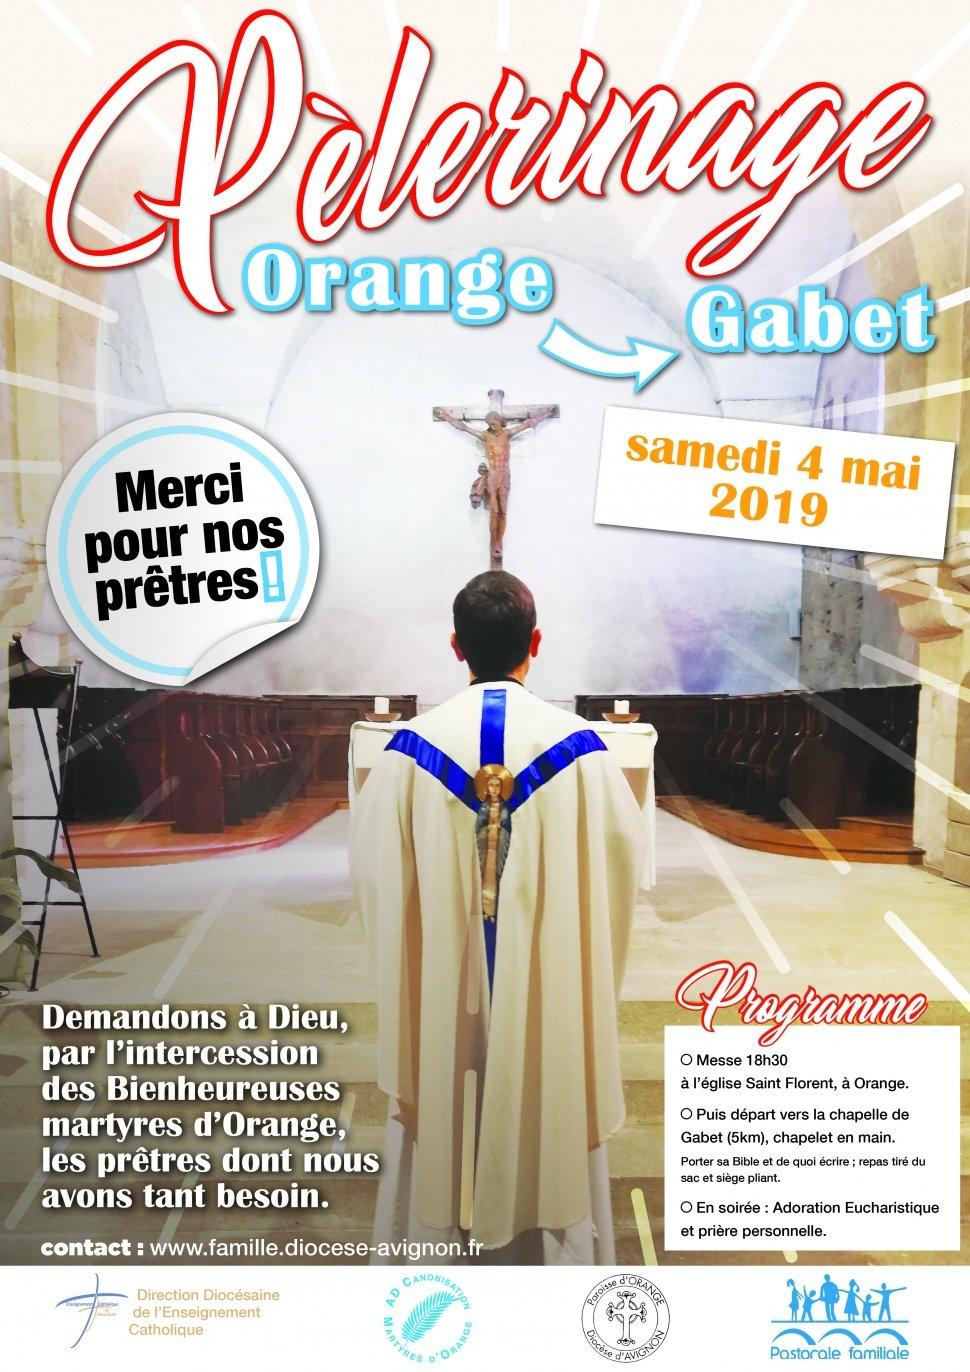 Pèlerinage de merci et de demande pour nos prêtres – le 4 mai 2019 à Orange (84)